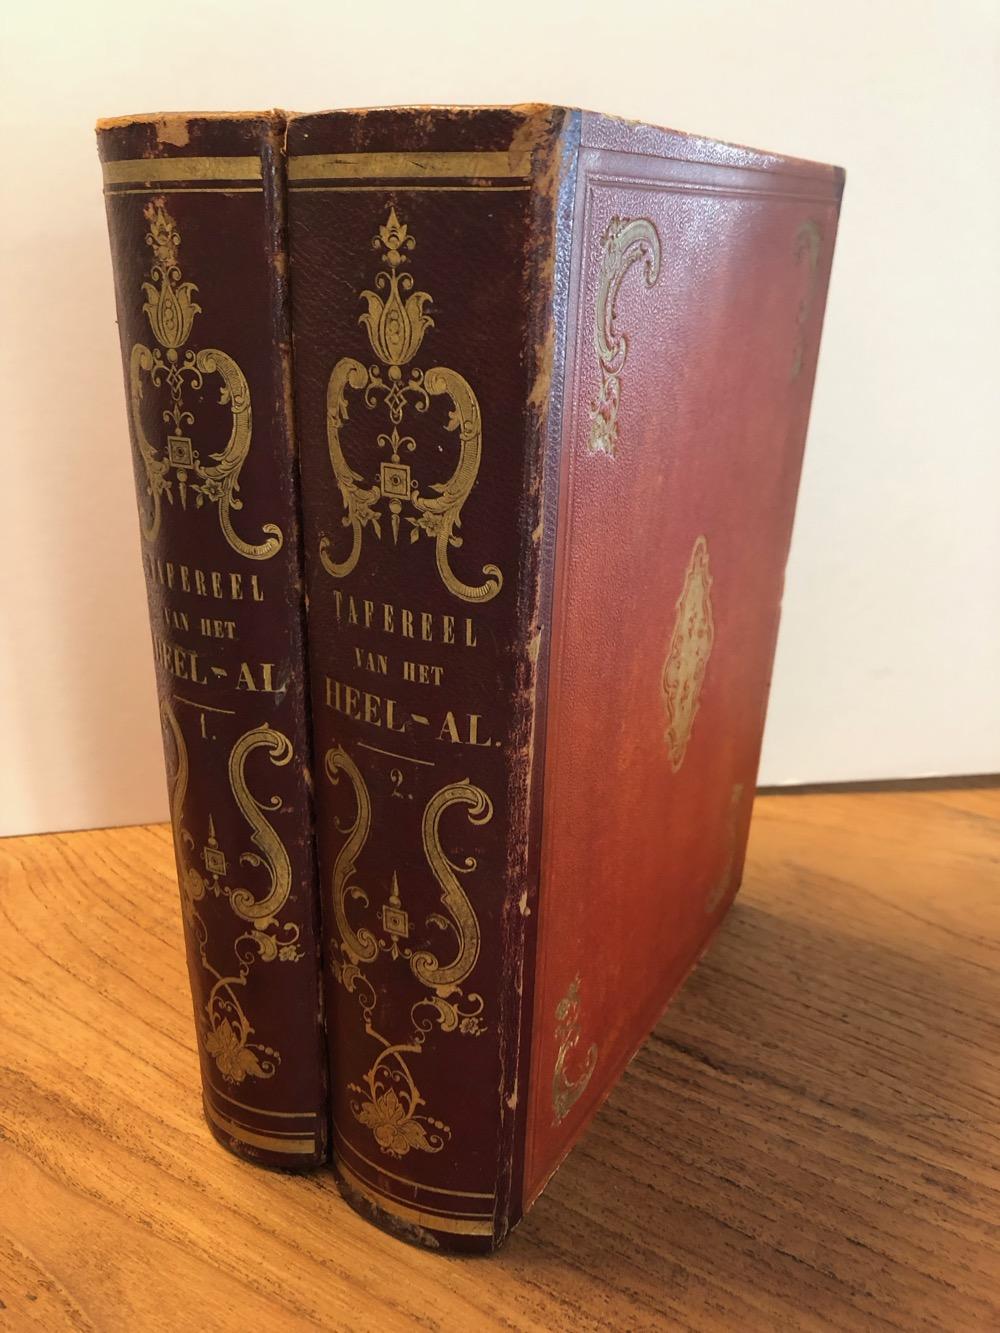 Tafereel van het heel-al – 1848